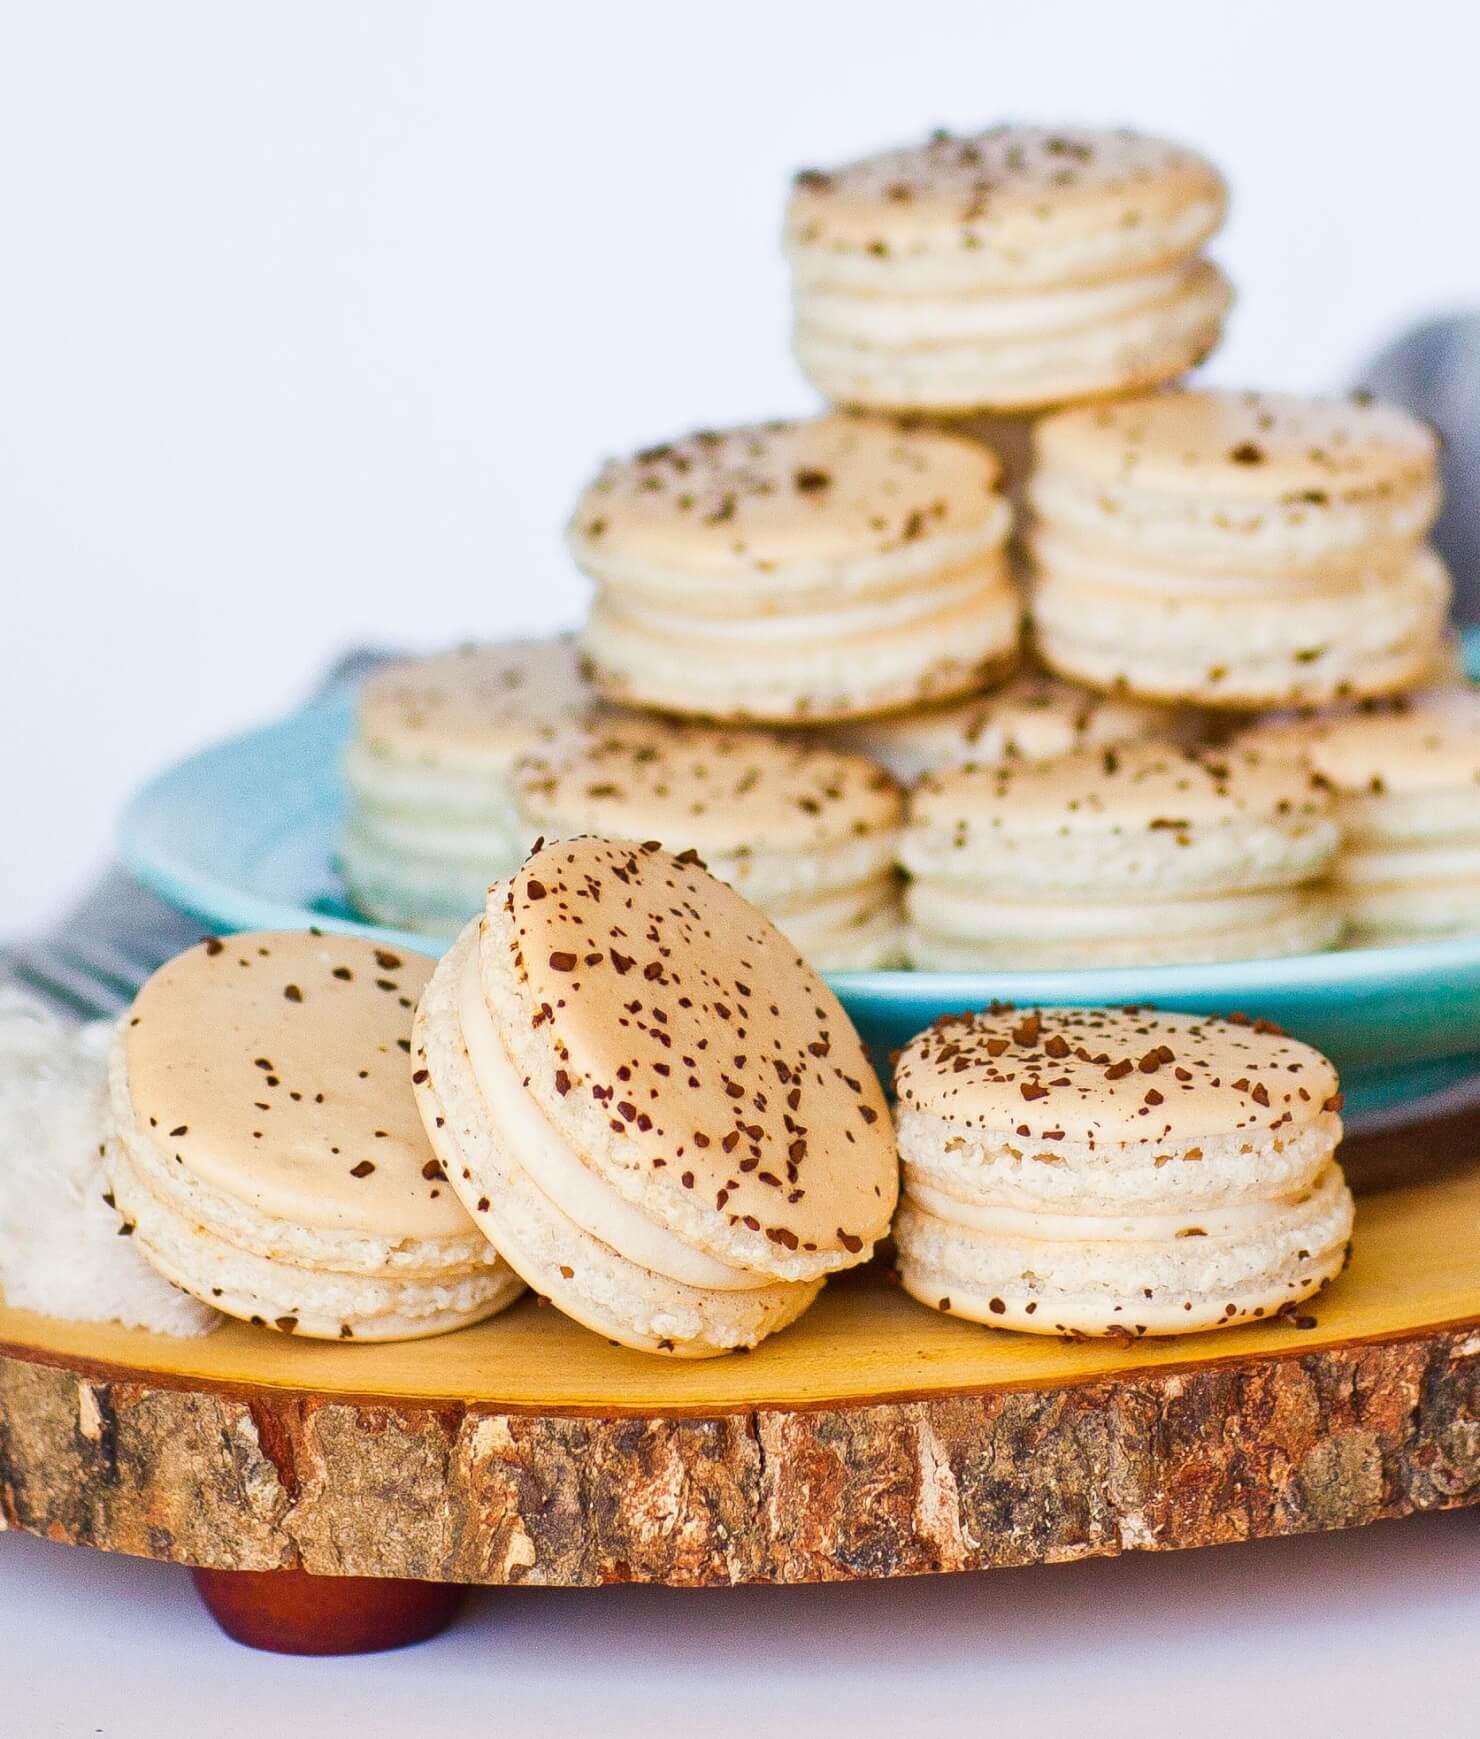 tiramisu macarons on tray